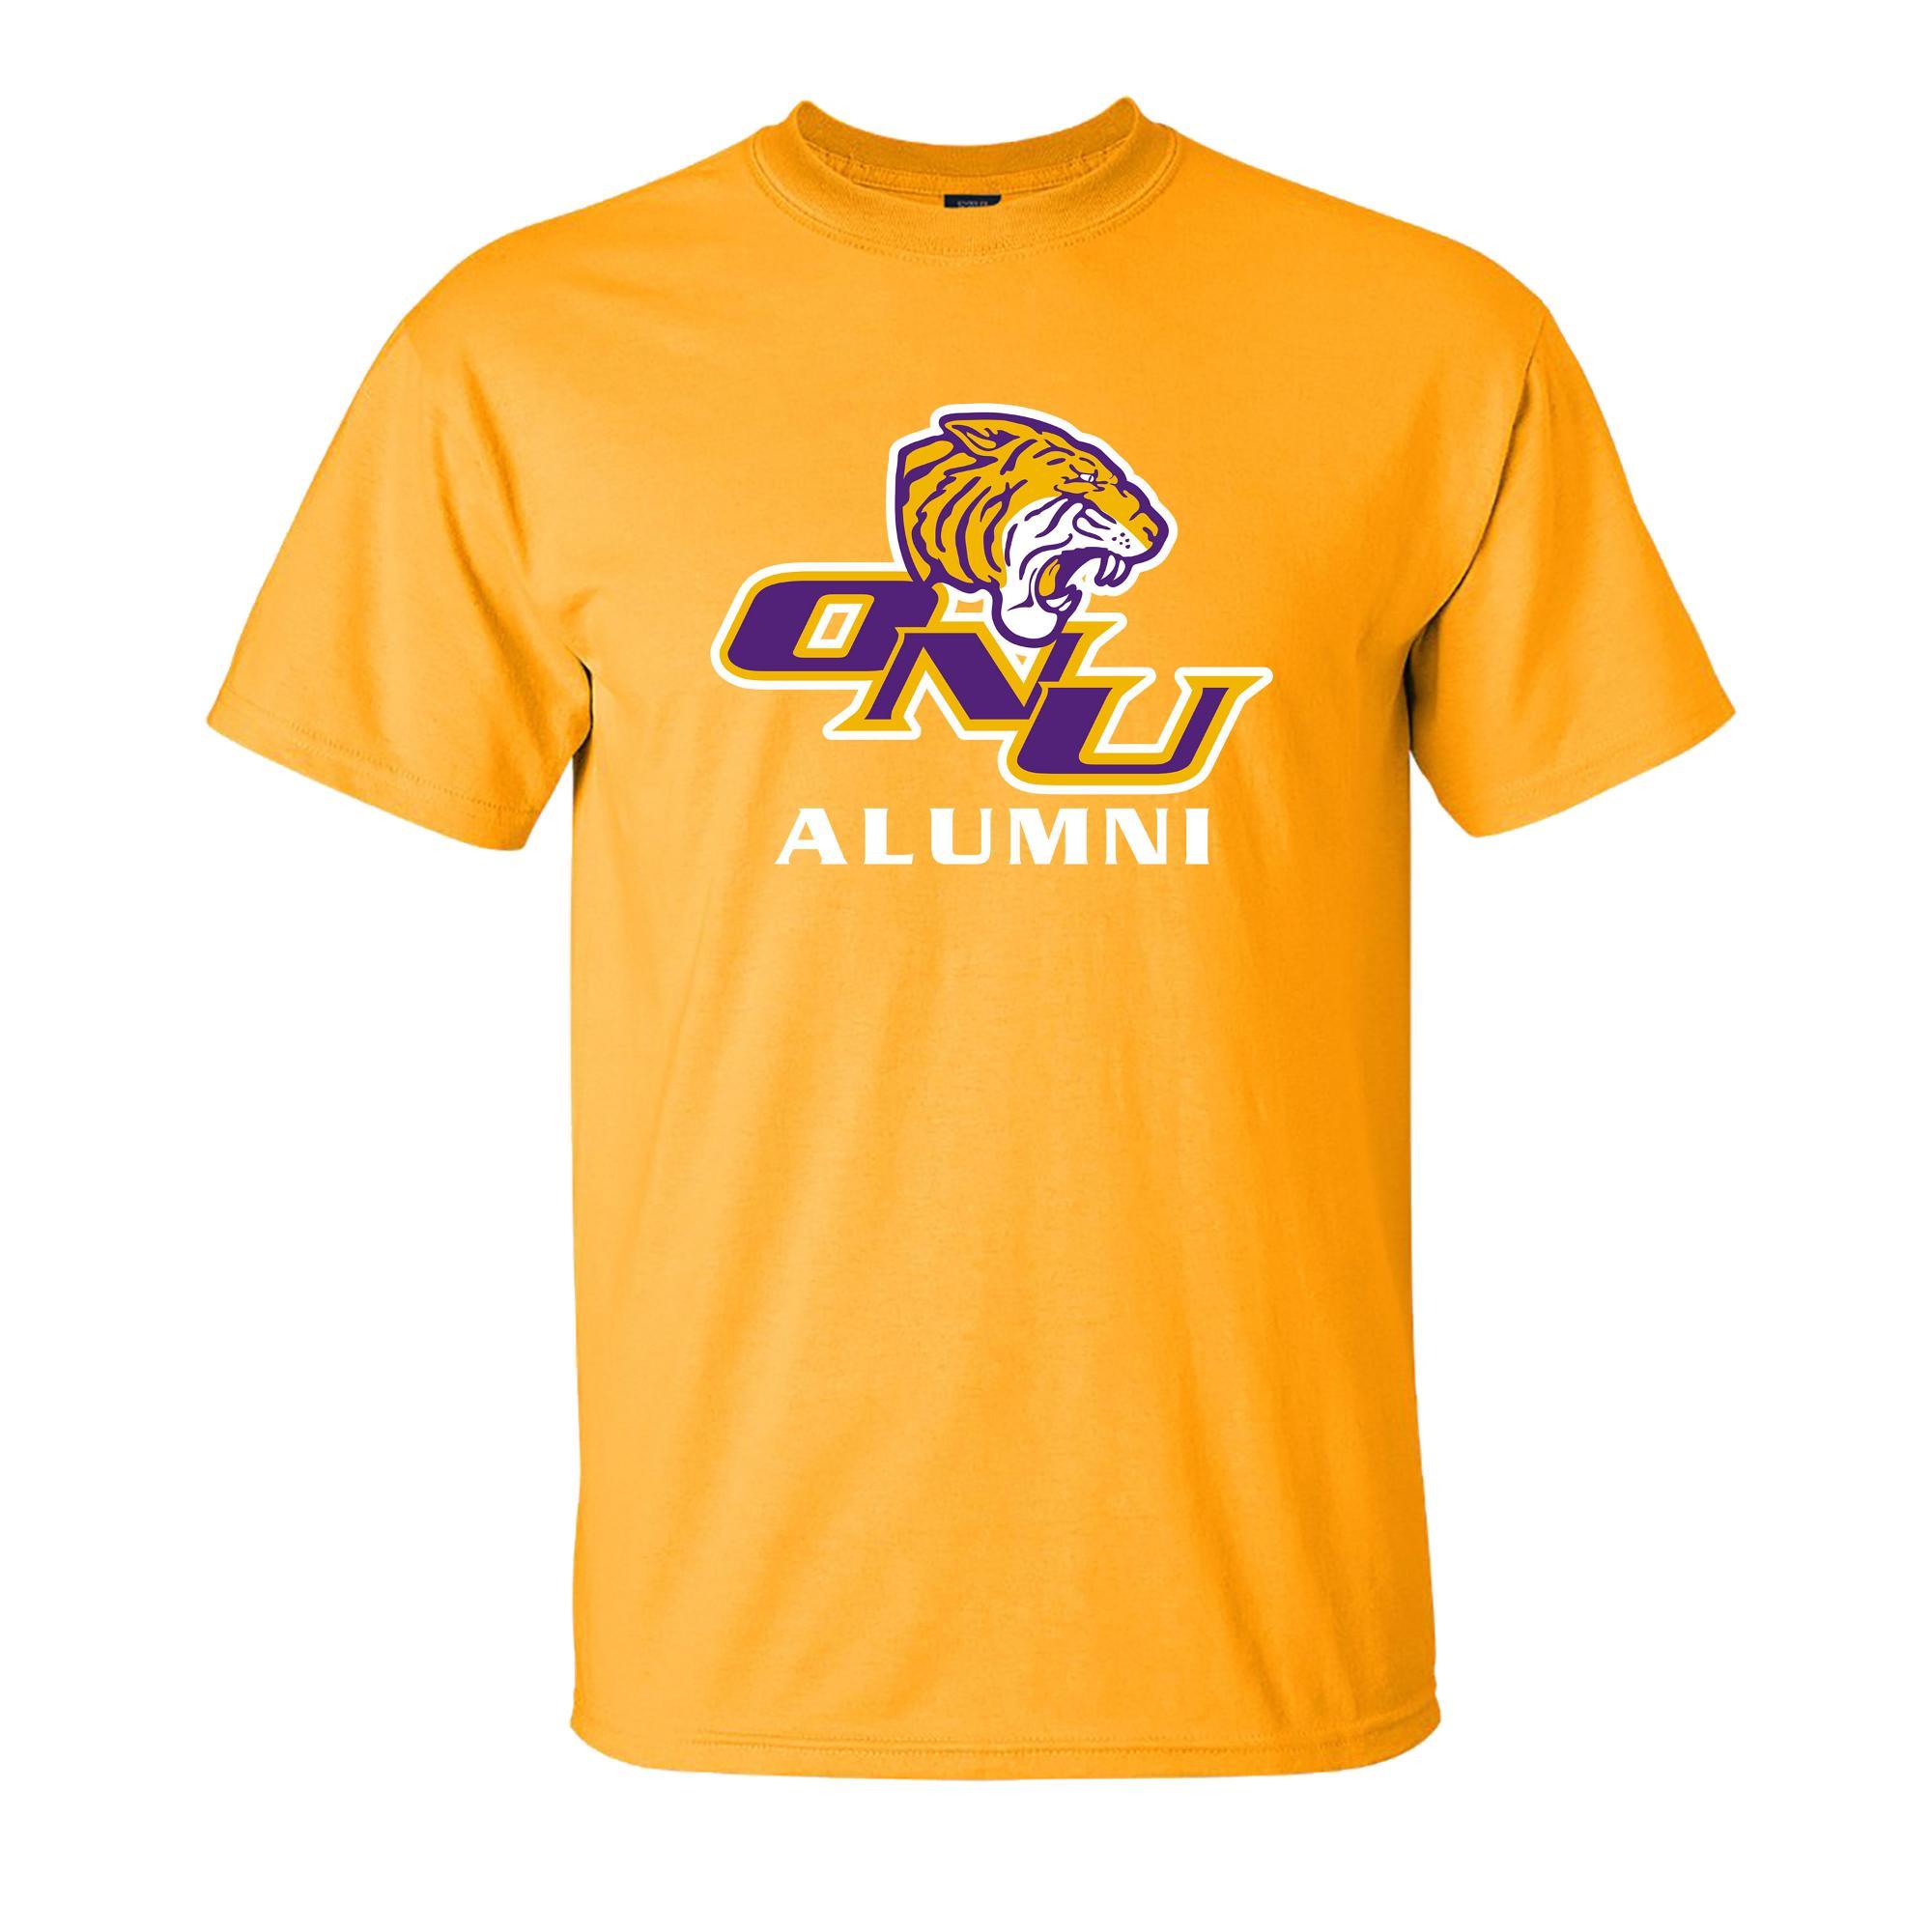 Image for Alumni SST